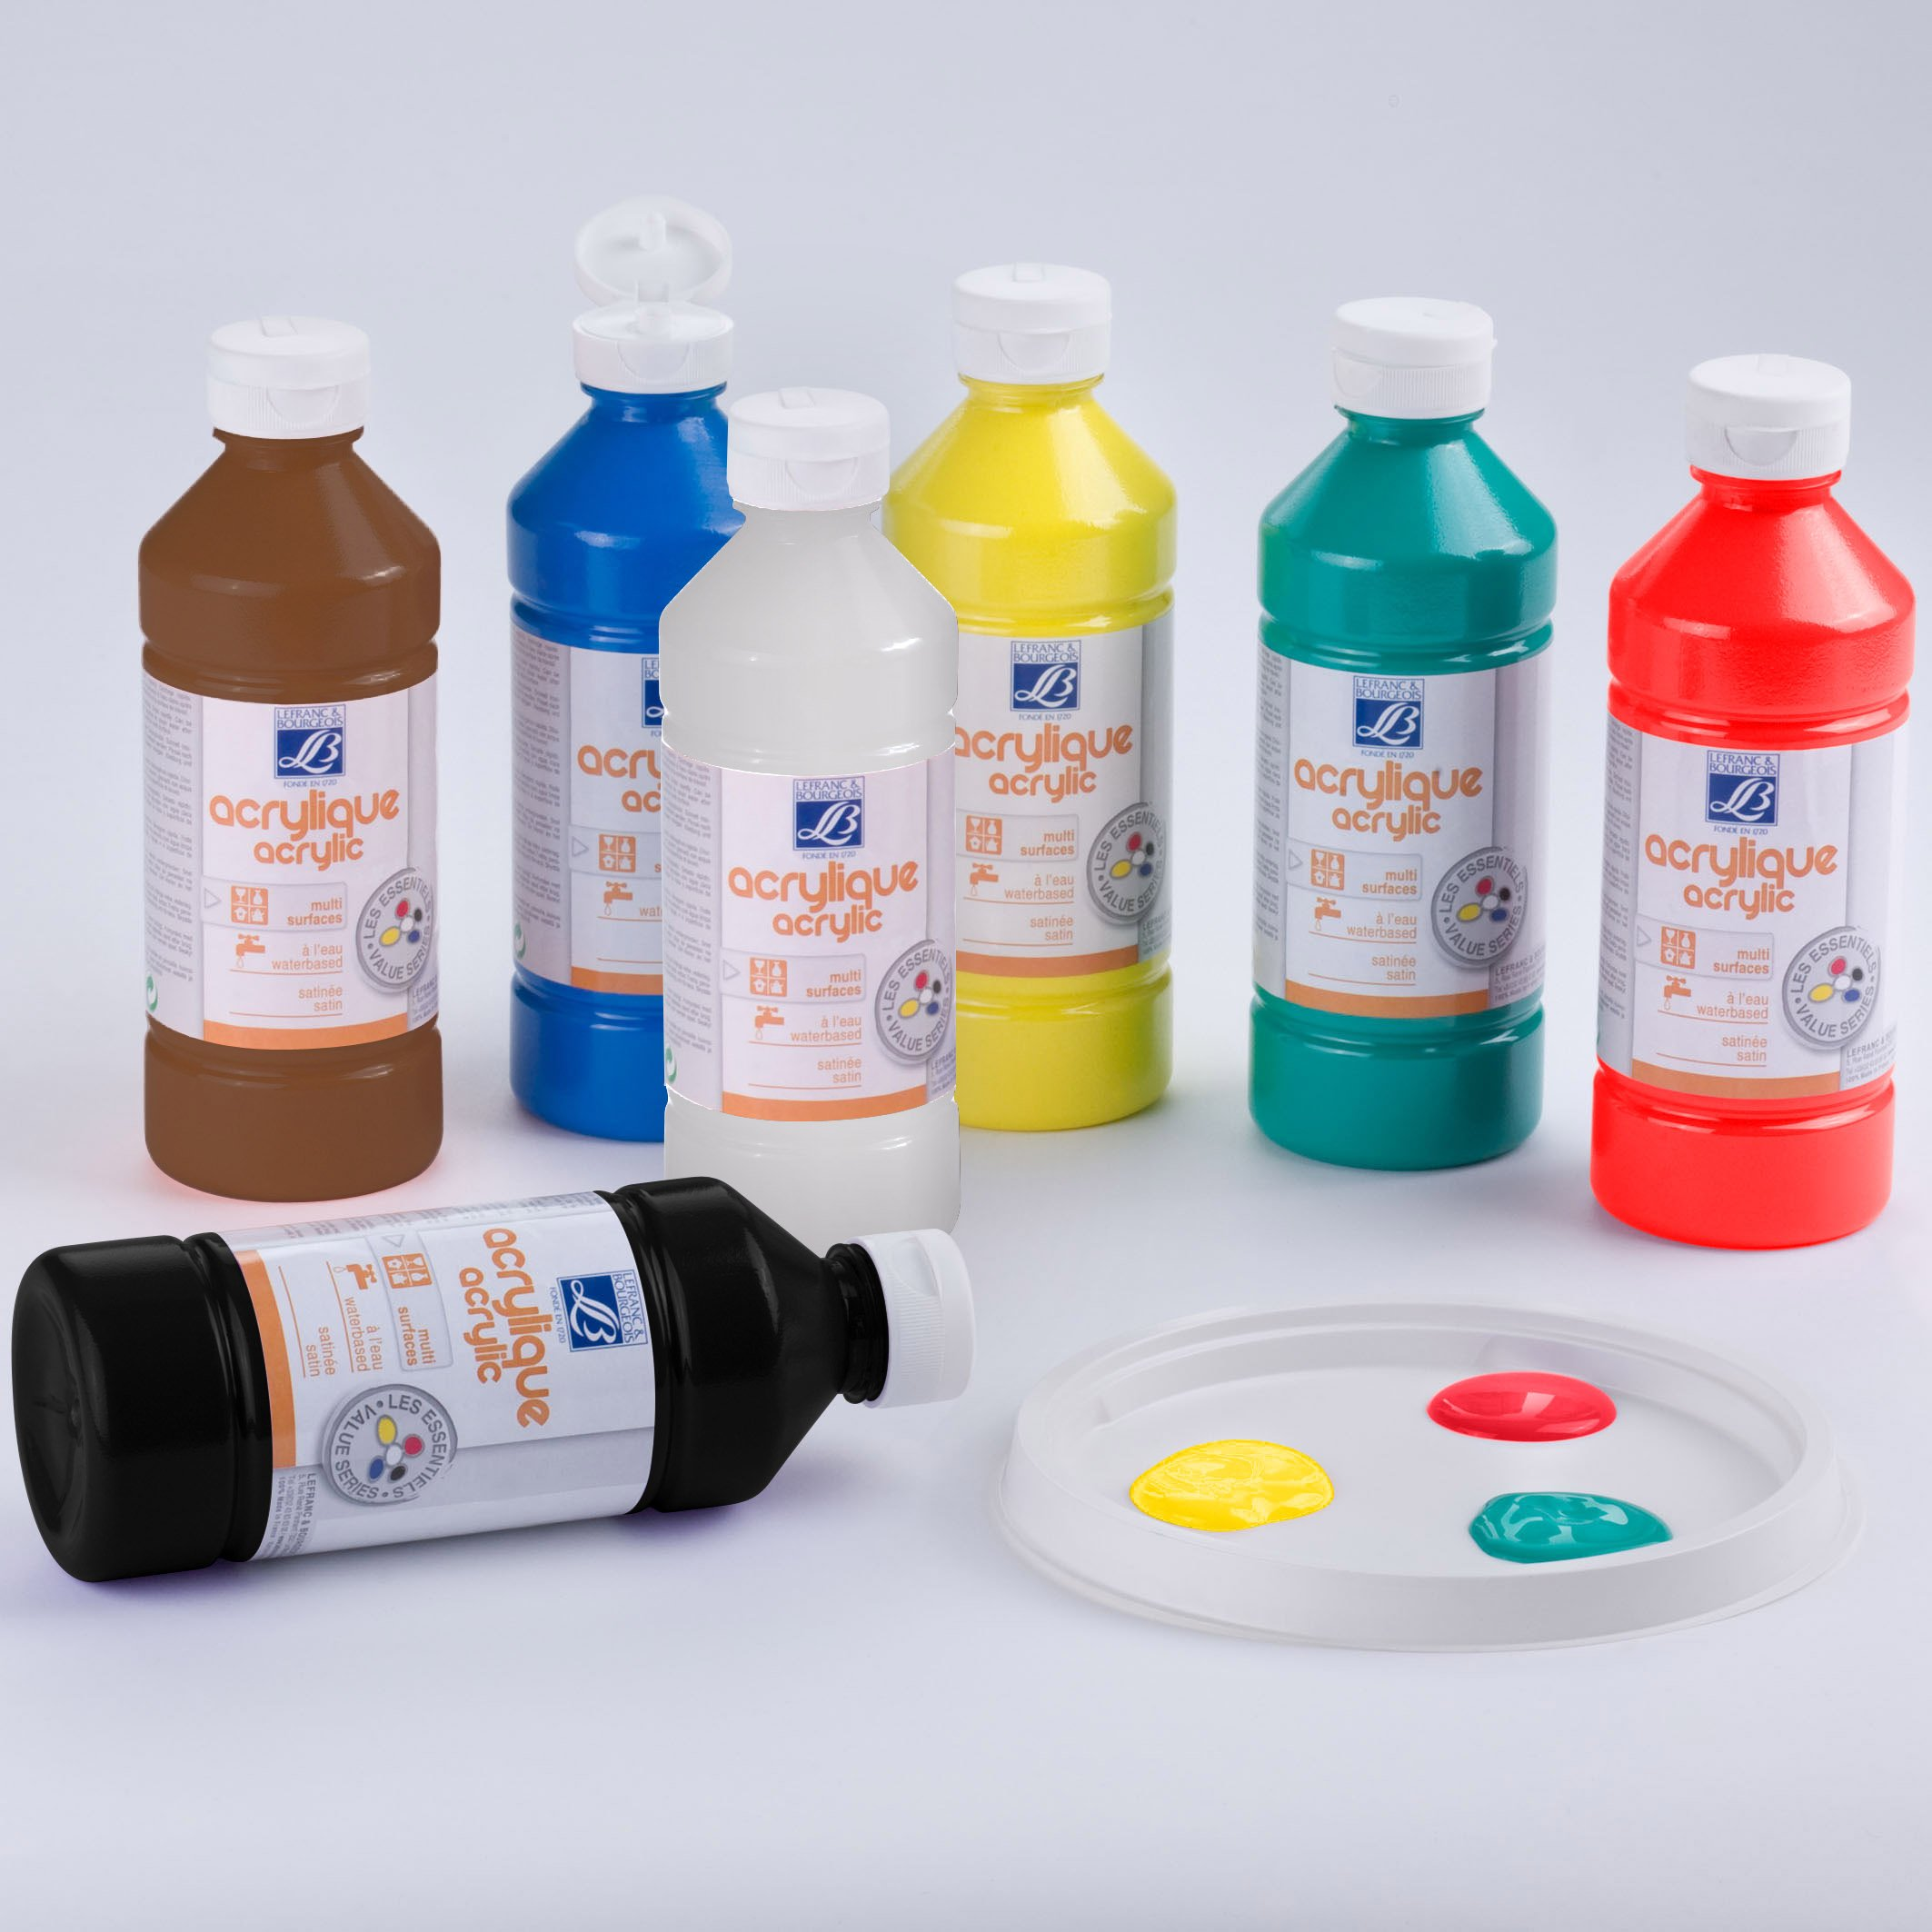 Lefranc & Bourgeois - Pack de acrílico líquido, 10 frascos de 500 ml , color/modelo surtido: Amazon.es: Juguetes y juegos